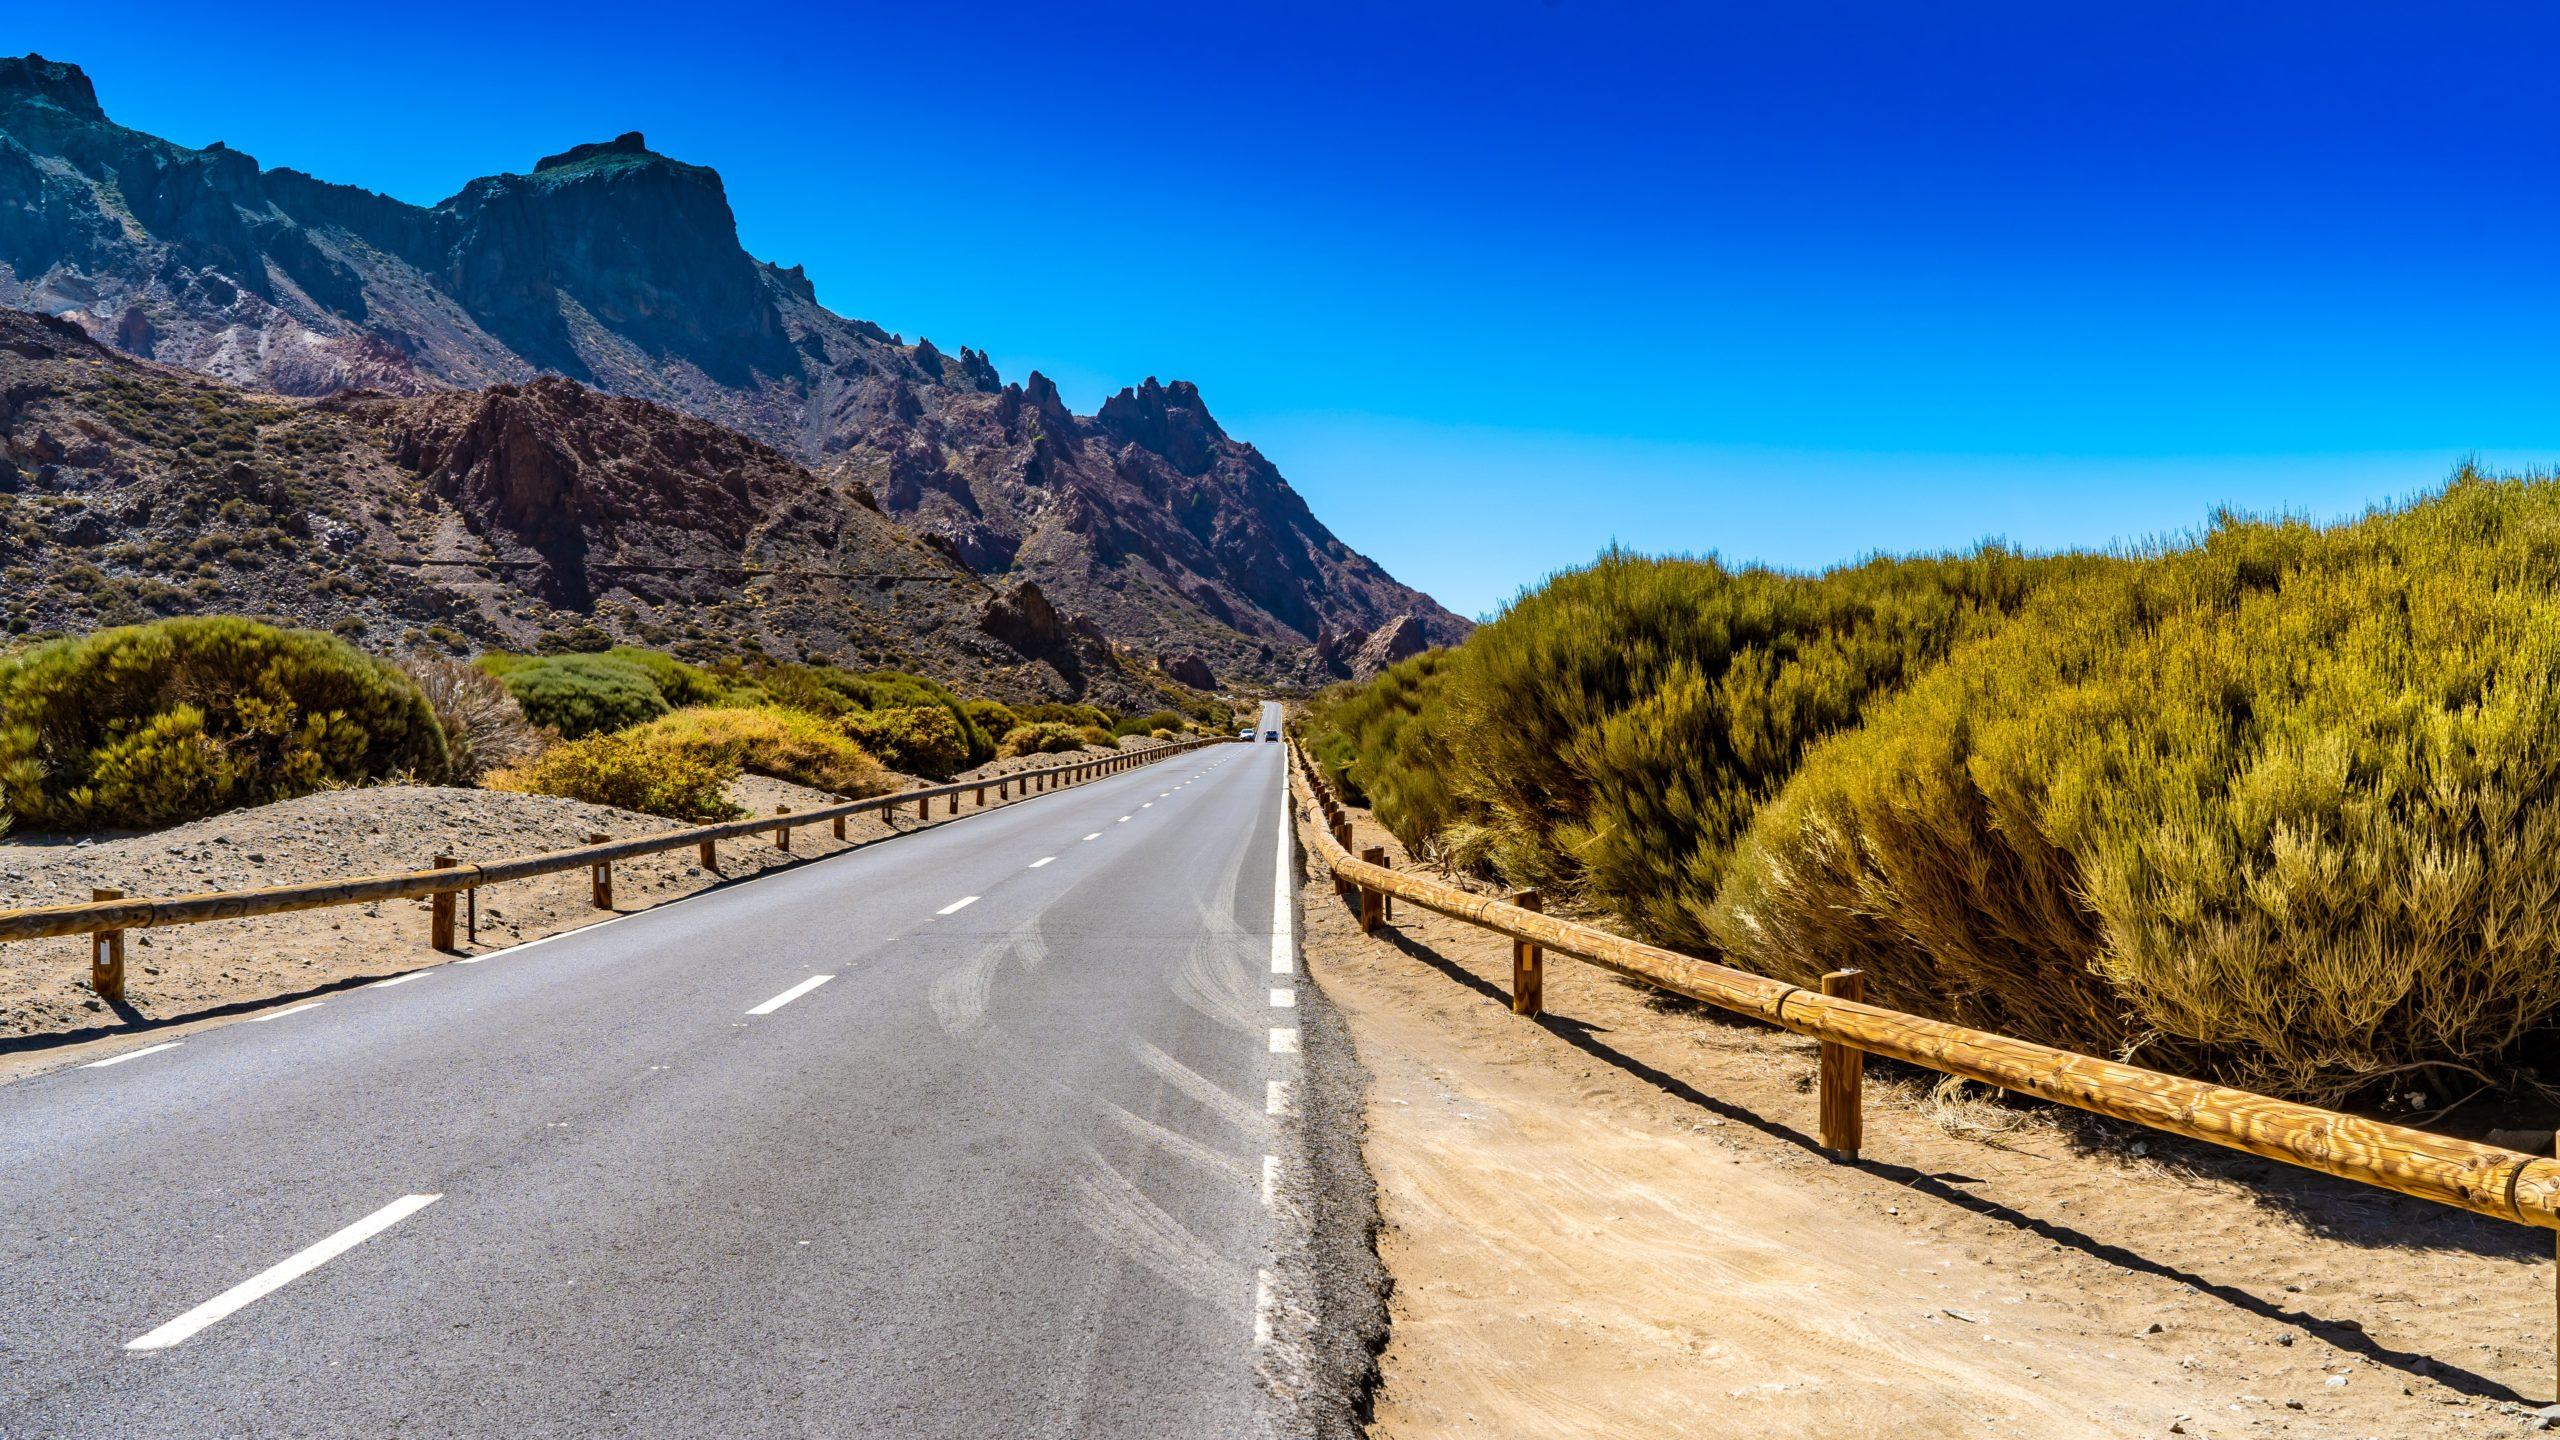 Atlantik, Teneriffa, auf dem Weg zum Pico del Teide